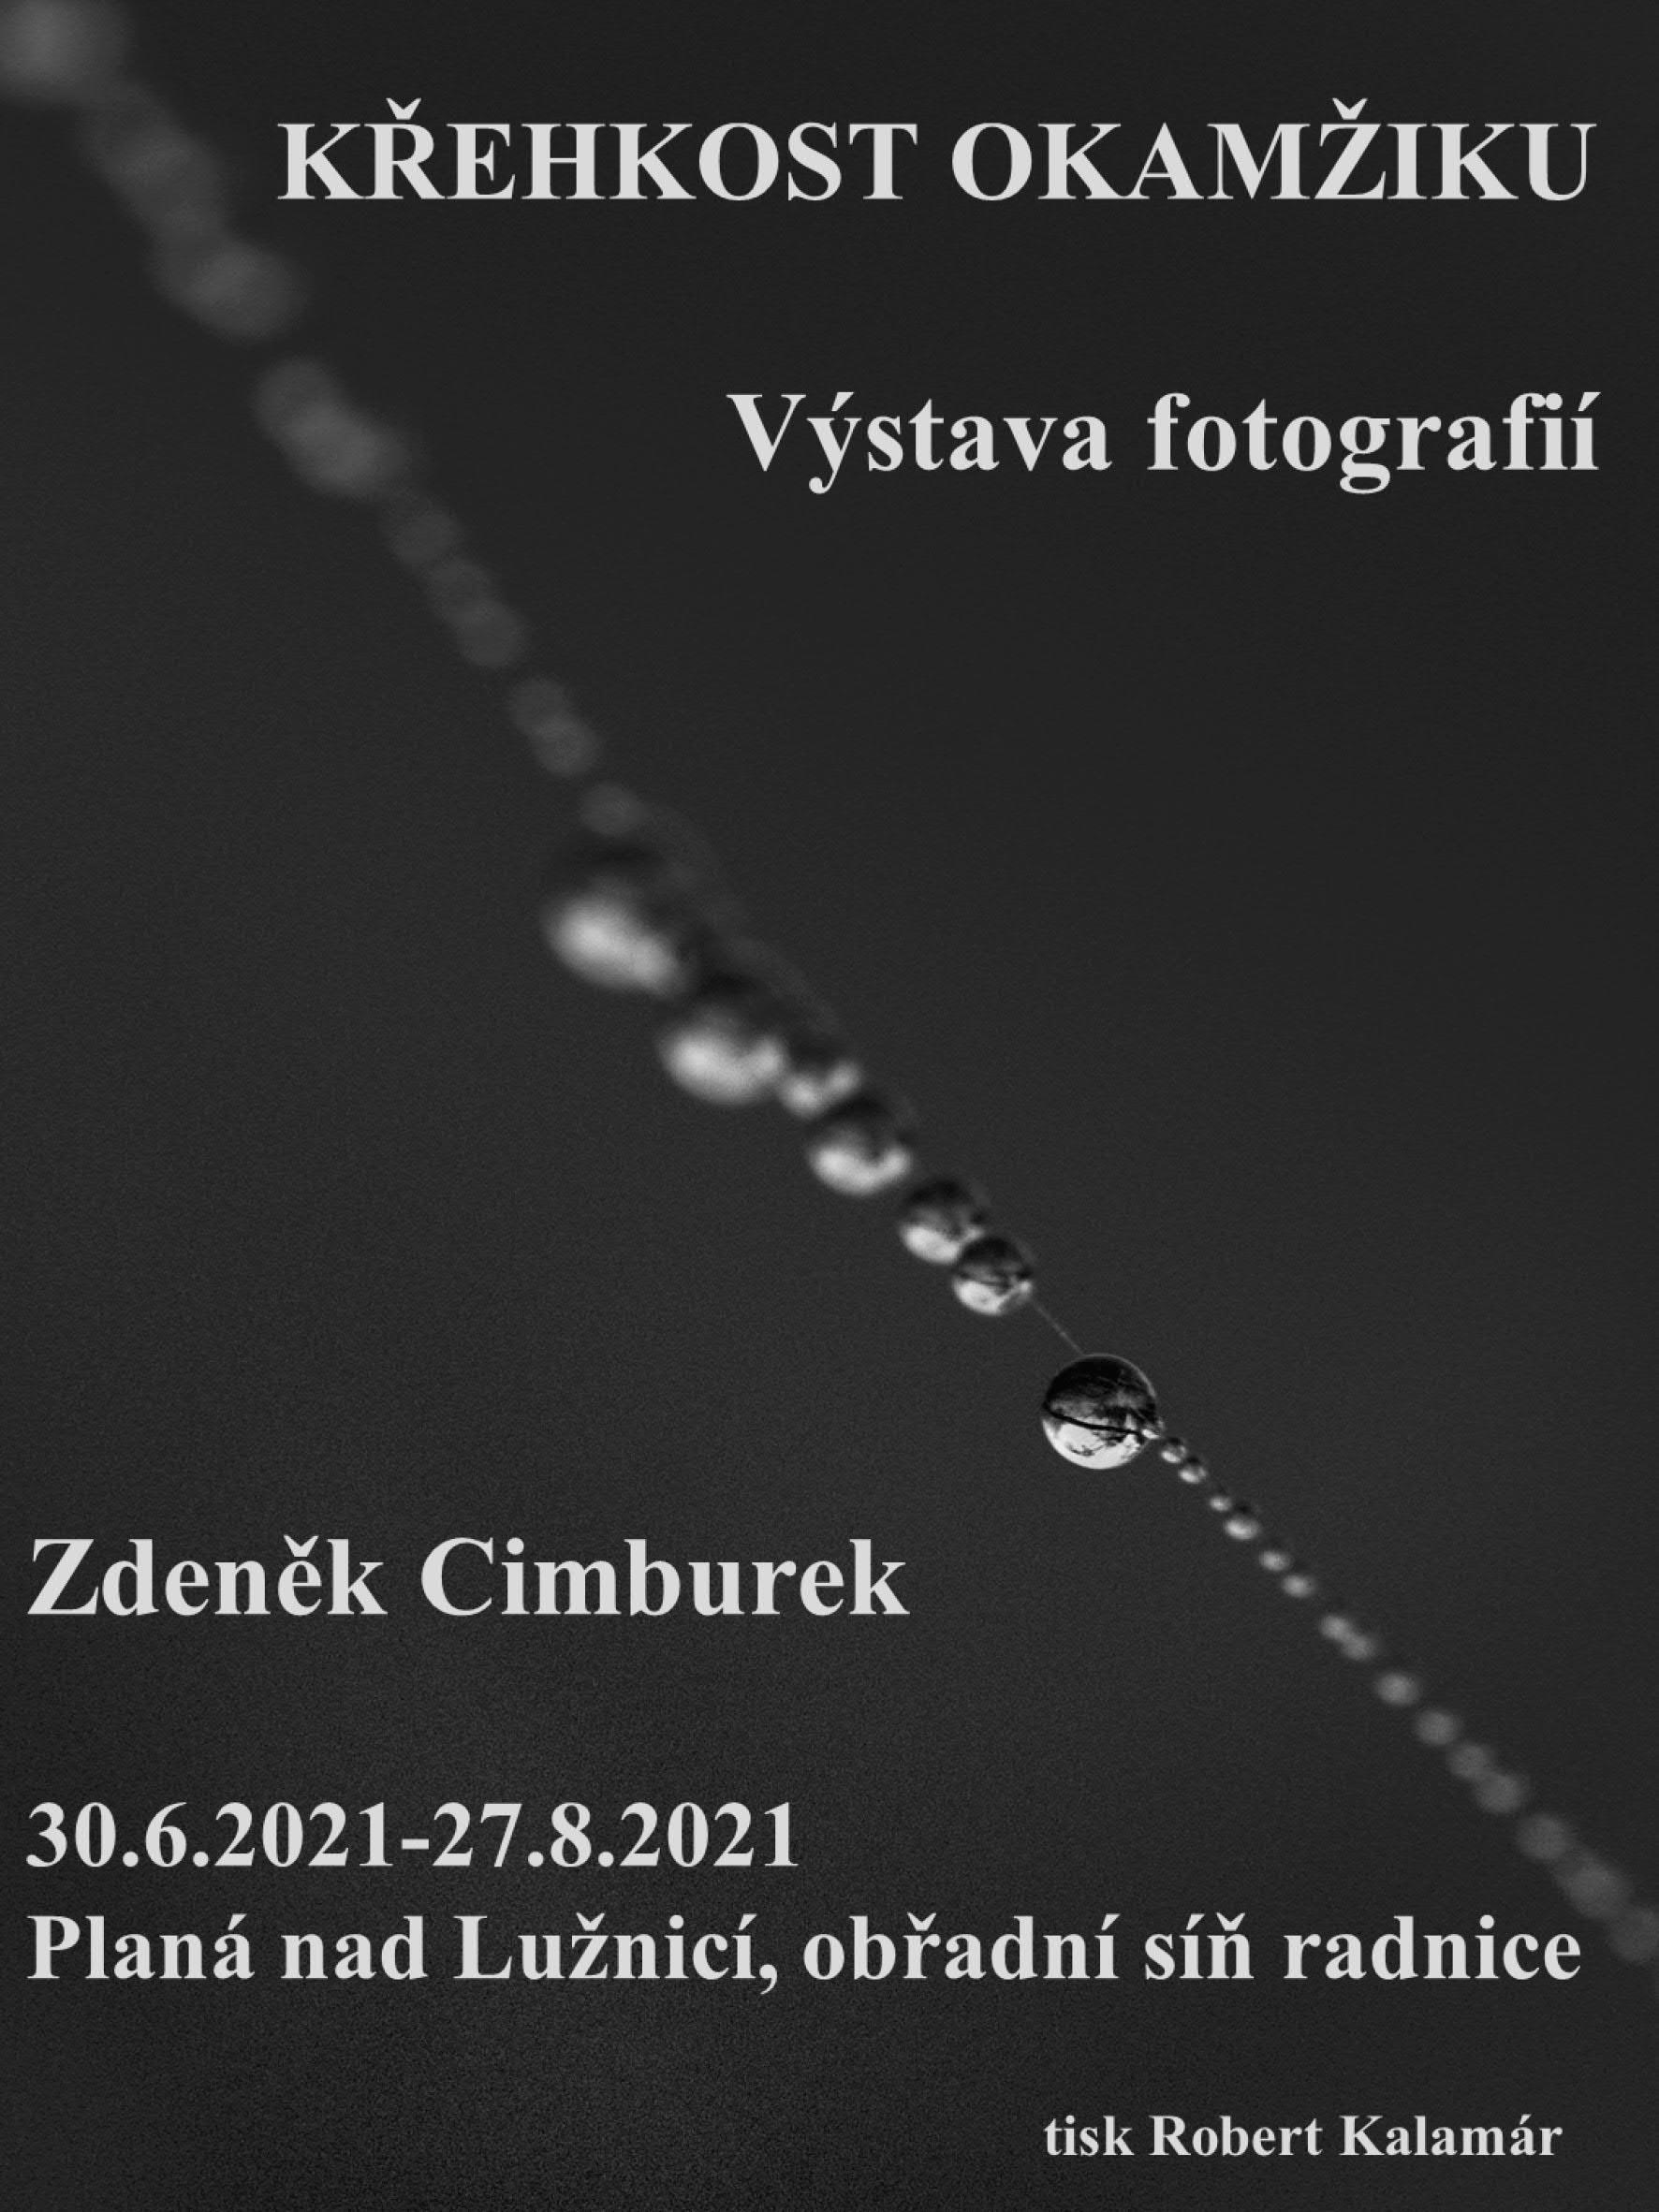 Křehkost okamžiku - výstava fotografií Zdeňka Cimburka